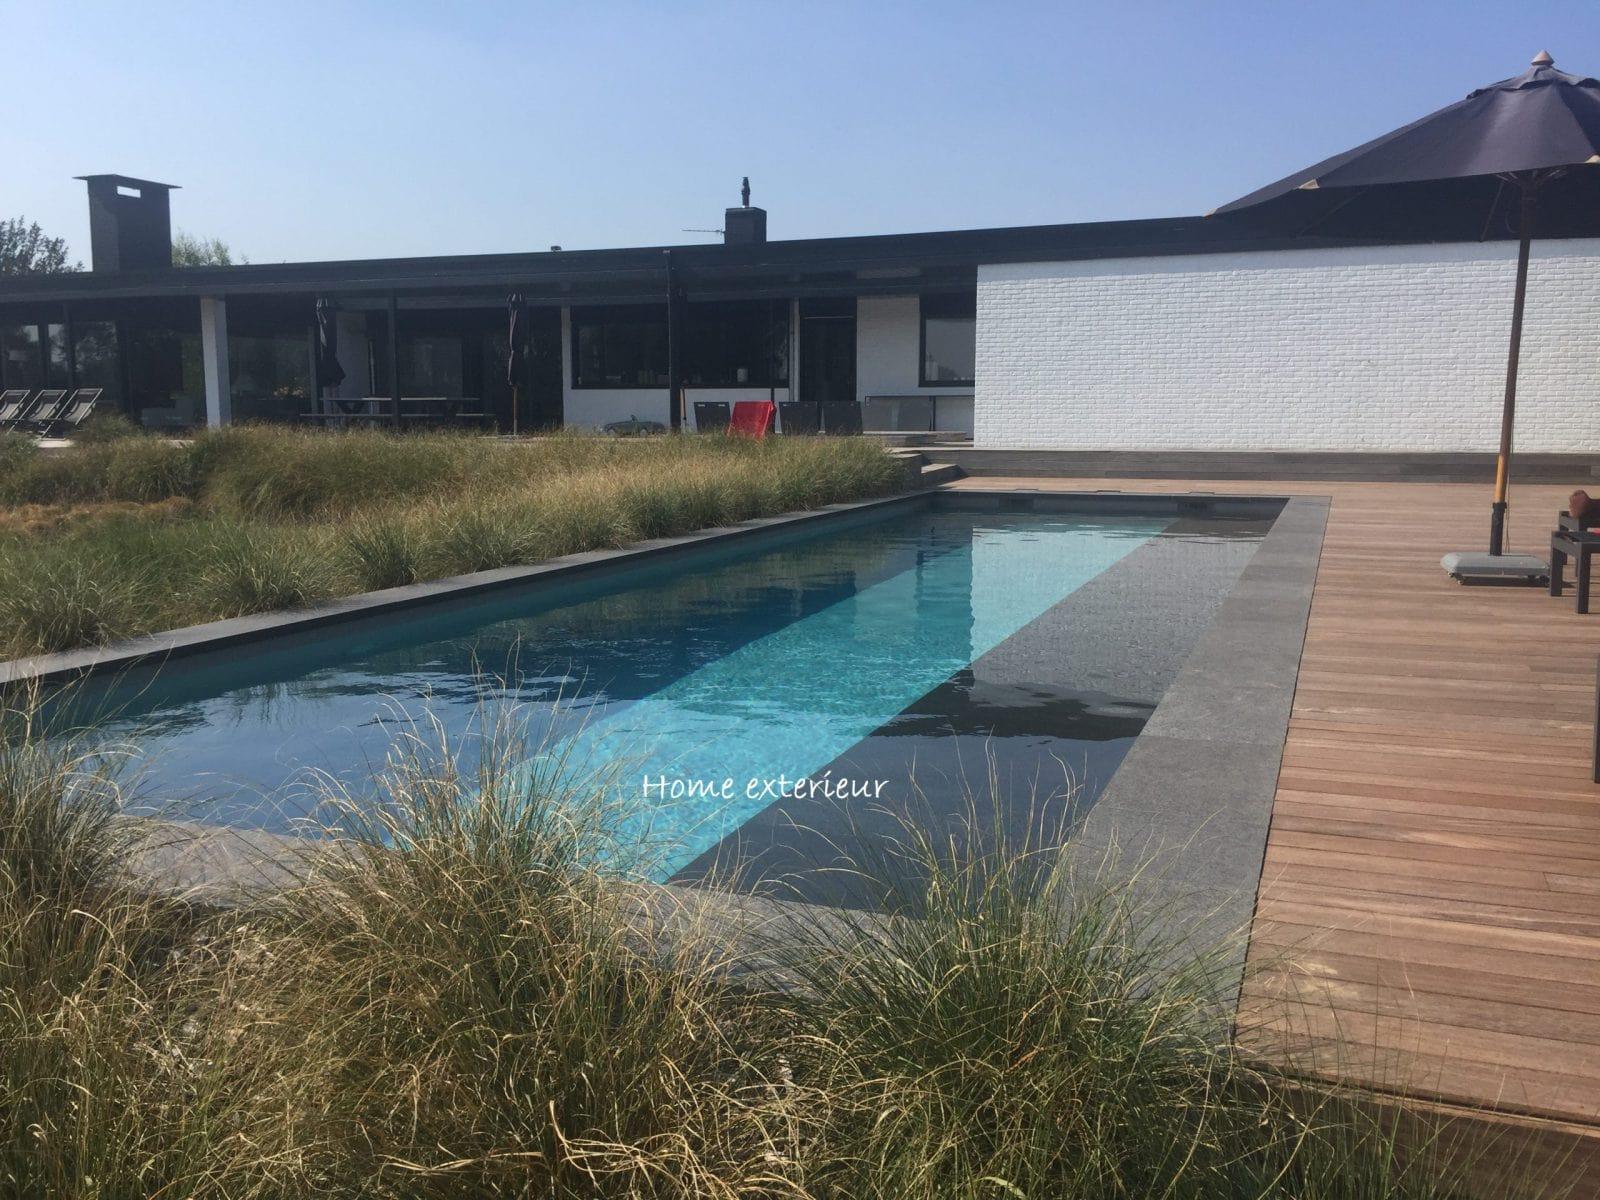 Aménagement abords de piscines et spas | Home Extérieur